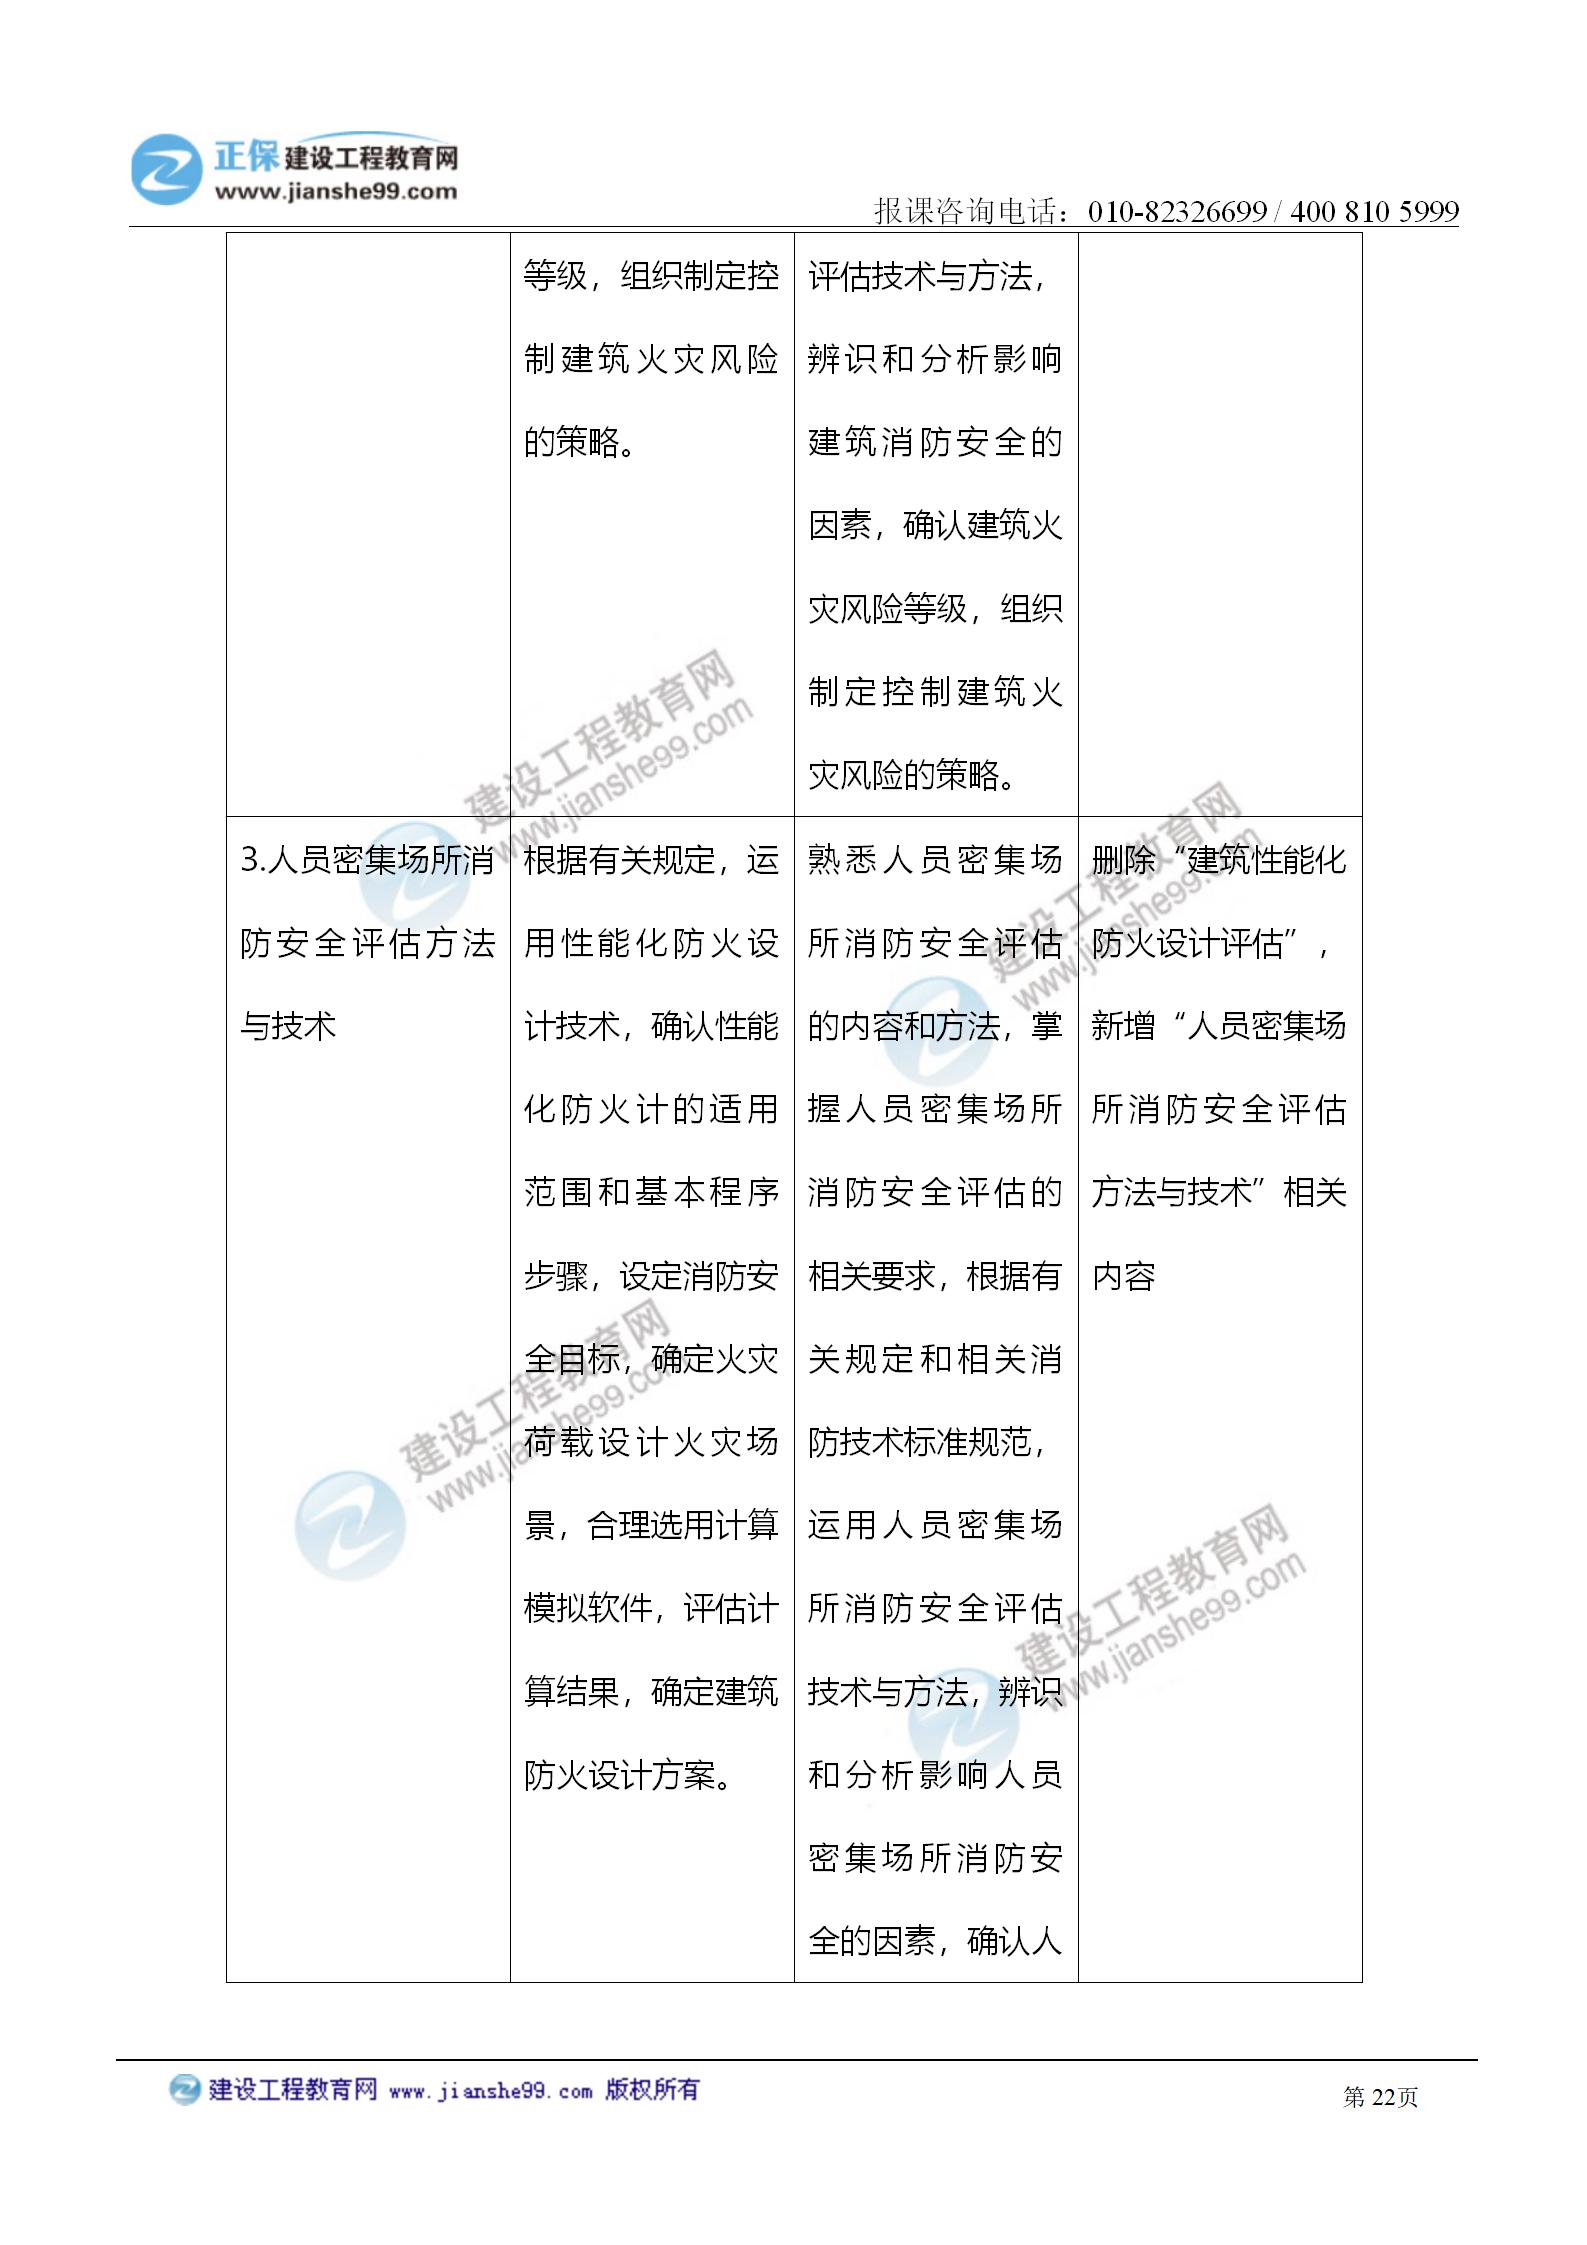 2021注册消防工程师《综合能力》考试大纲变化情况_22